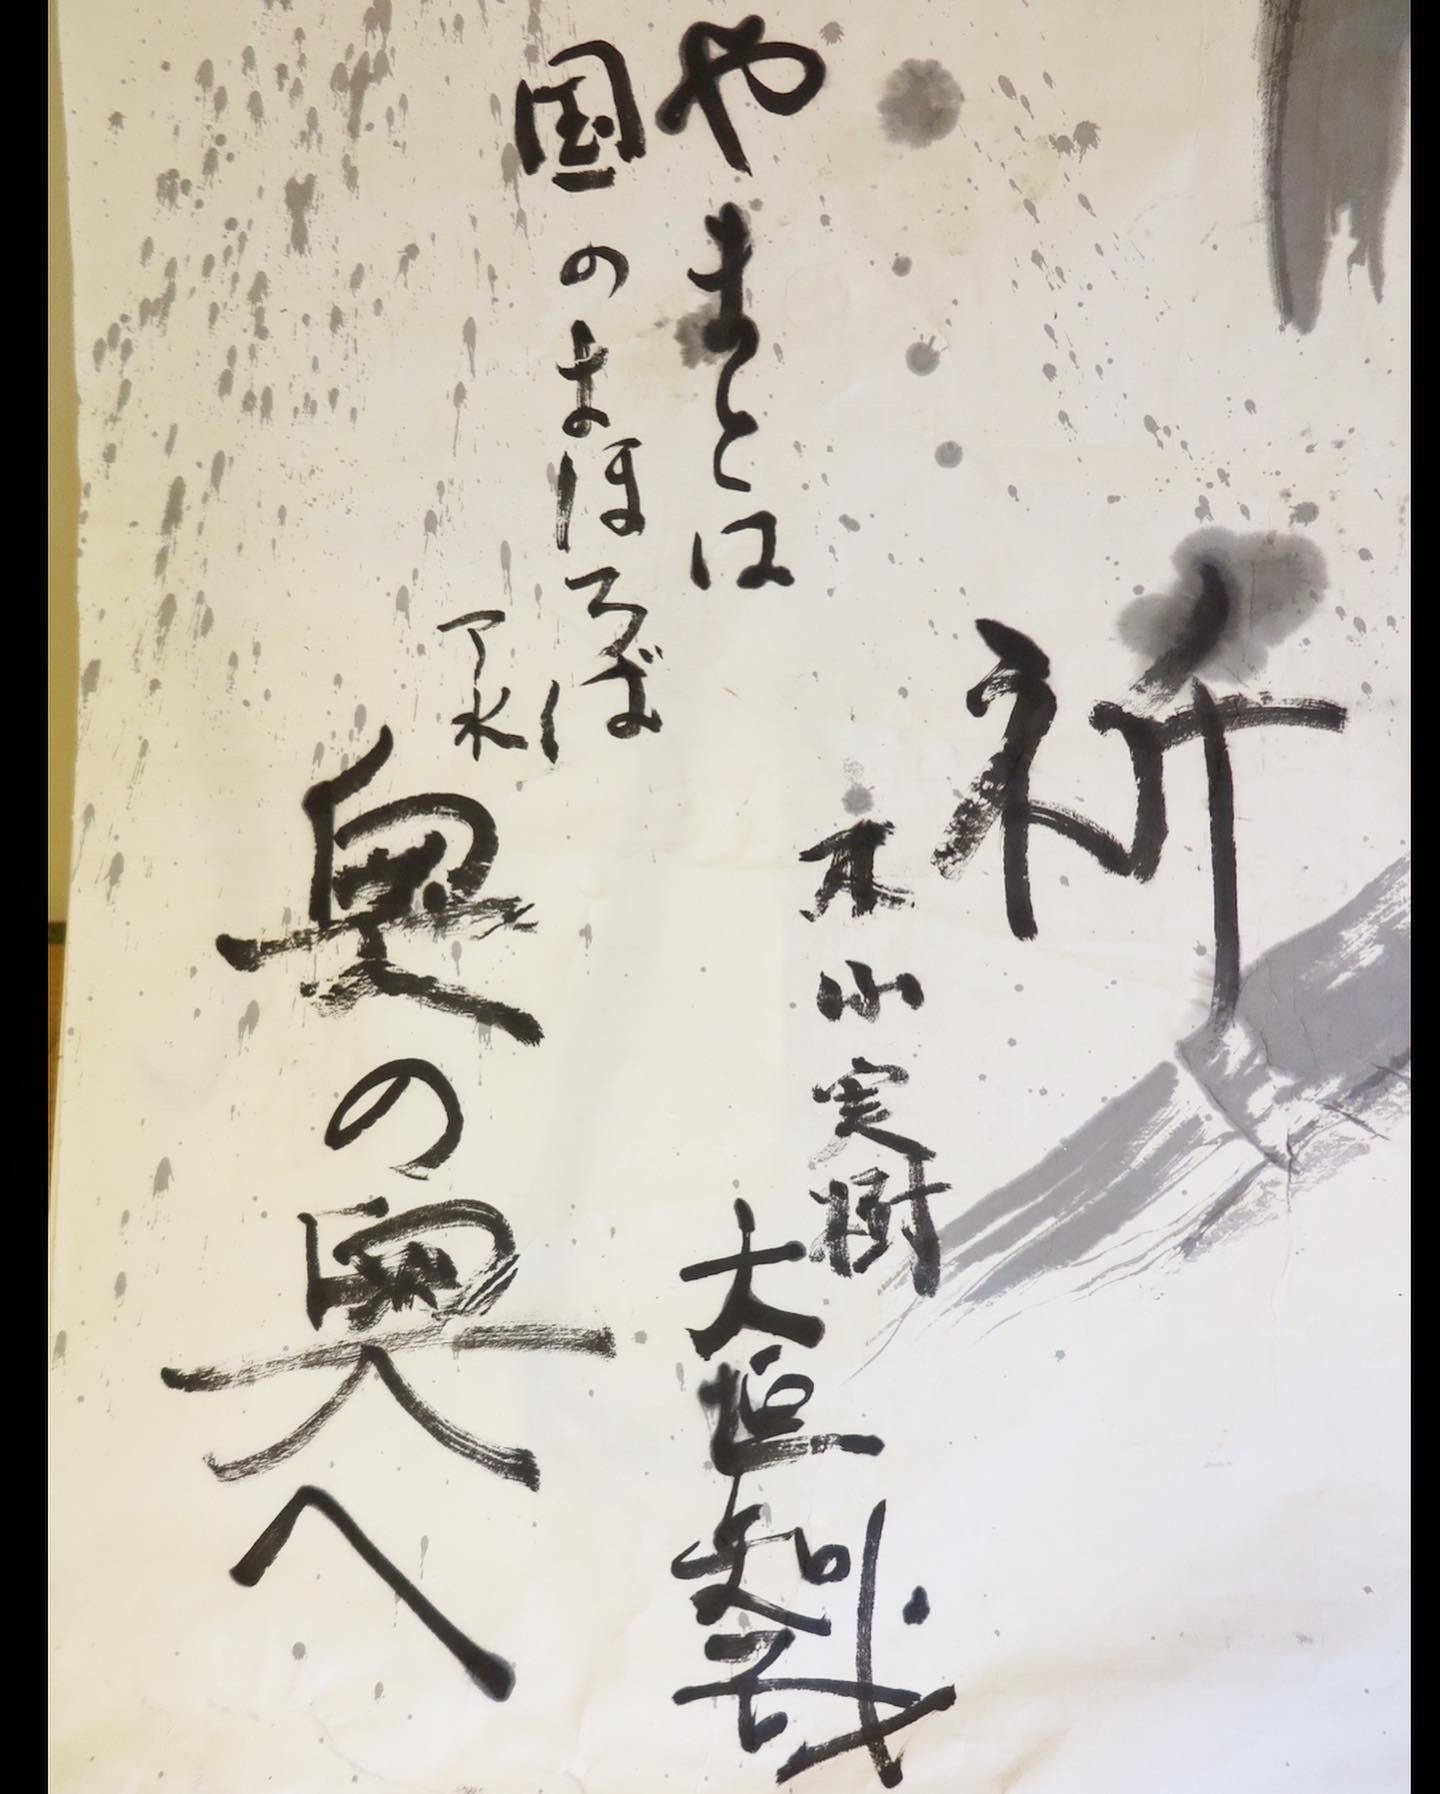 「岡本彰夫✖️辻明俊 新刊を語る」2部夕暮れコンサート こころひとつに_f0389753_07440757.jpeg